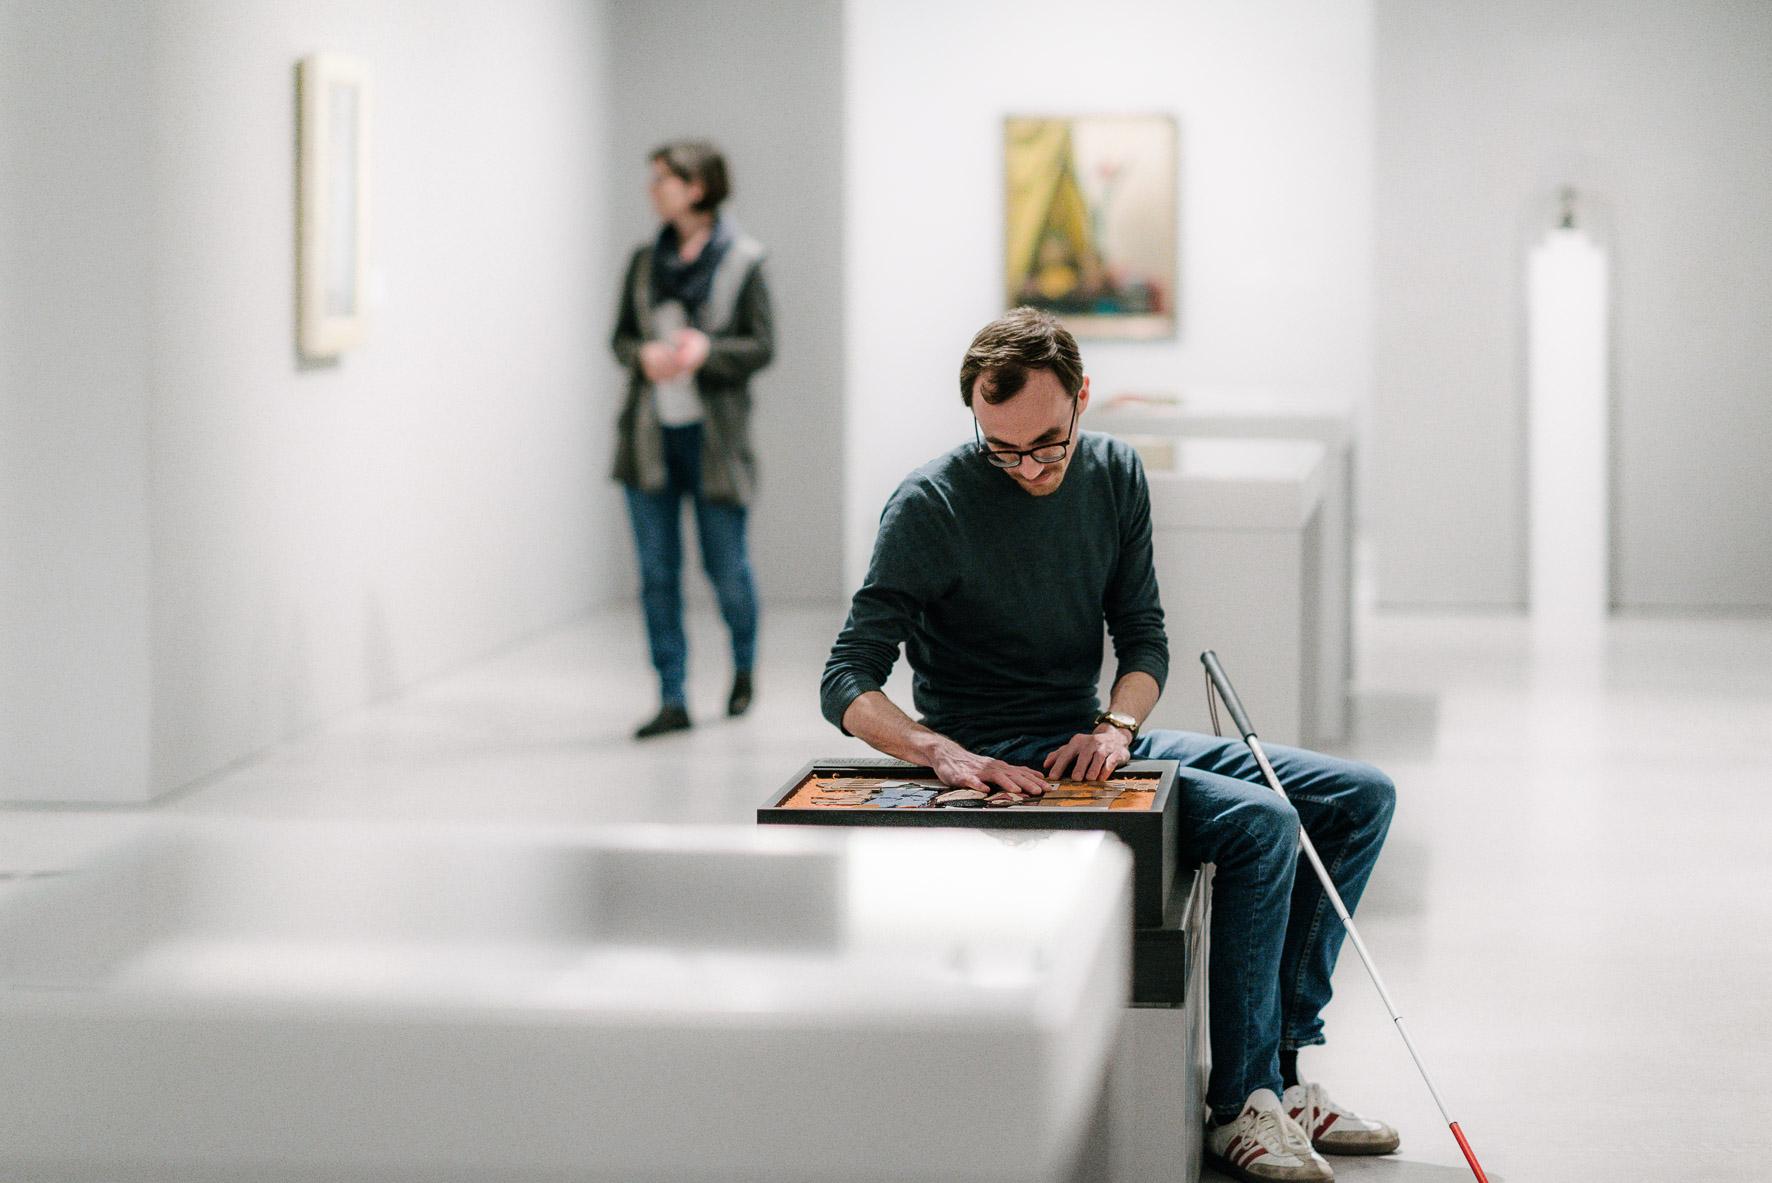 Andreas sitzt in einem weißen Ausstellungsraum und tastet mit seinen Händen einen kunstgegenstand ab.